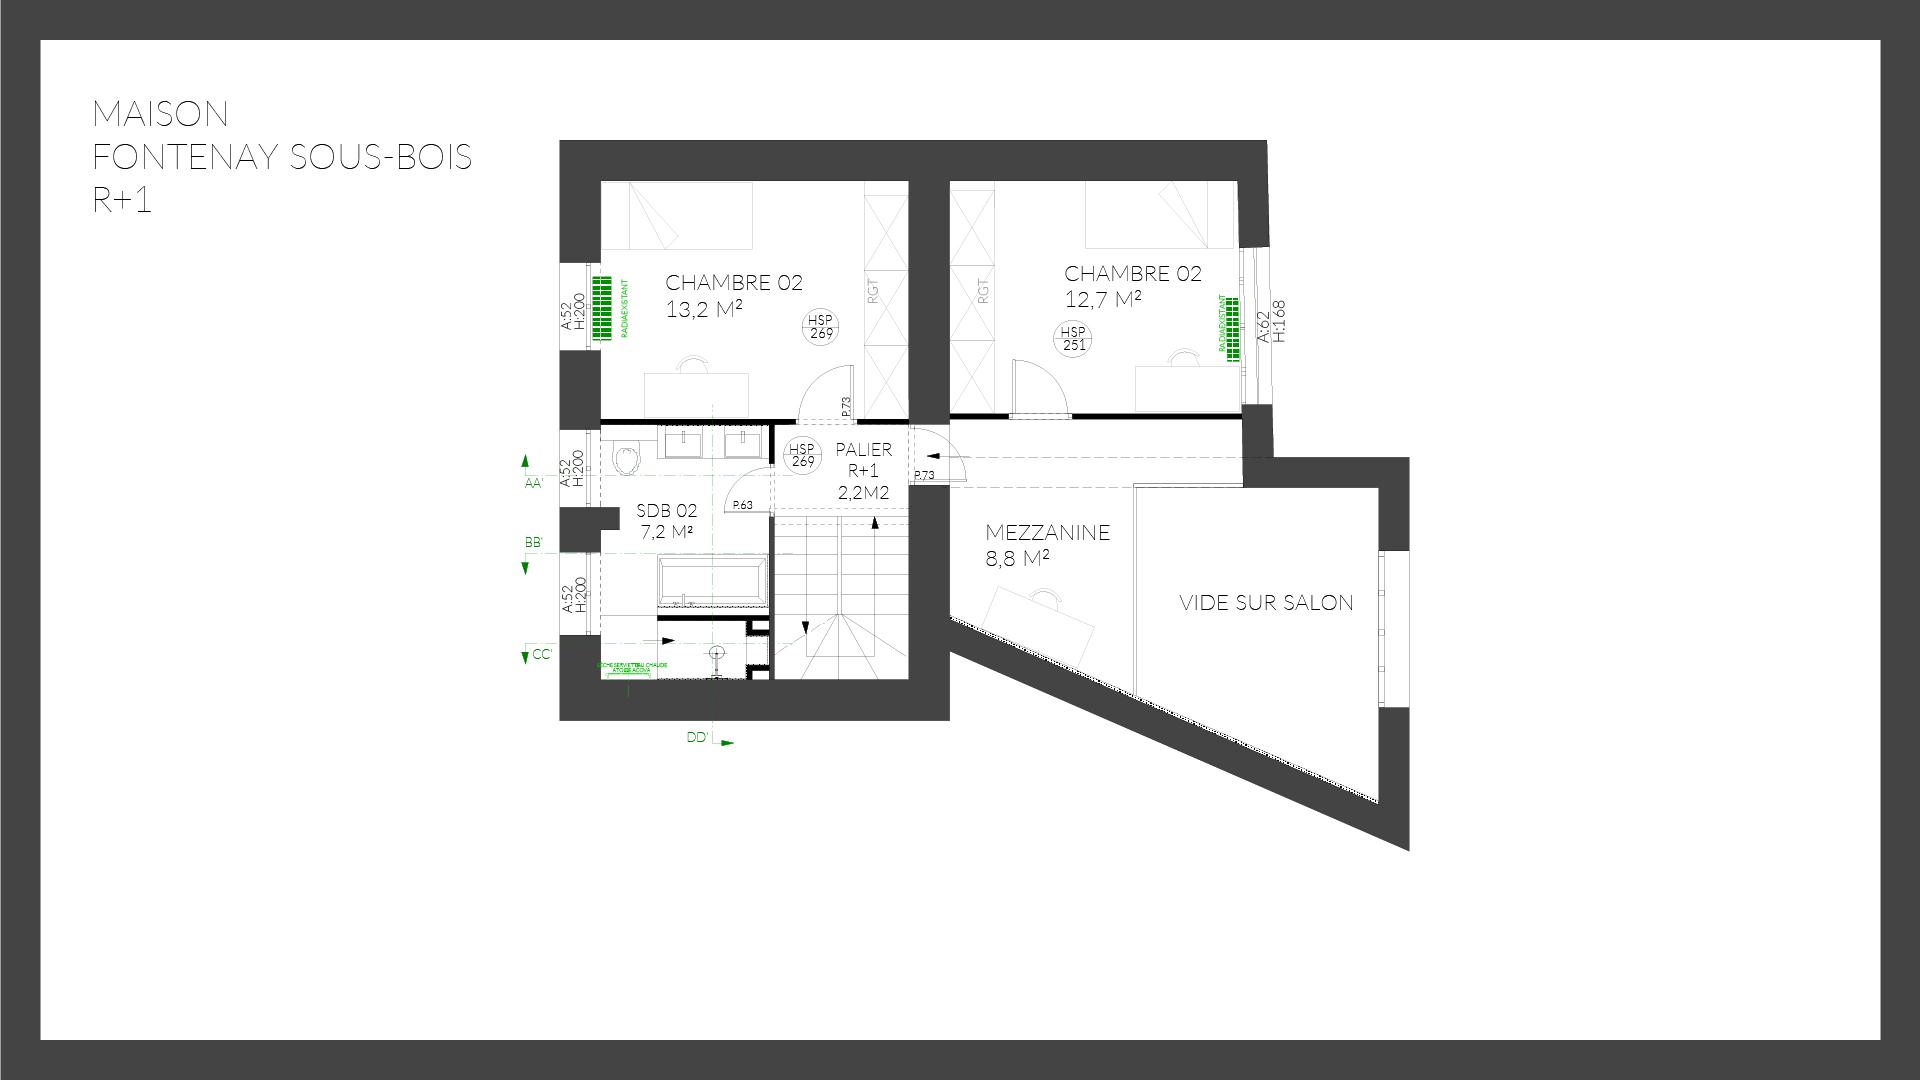 plan-maison-fontenay-r1